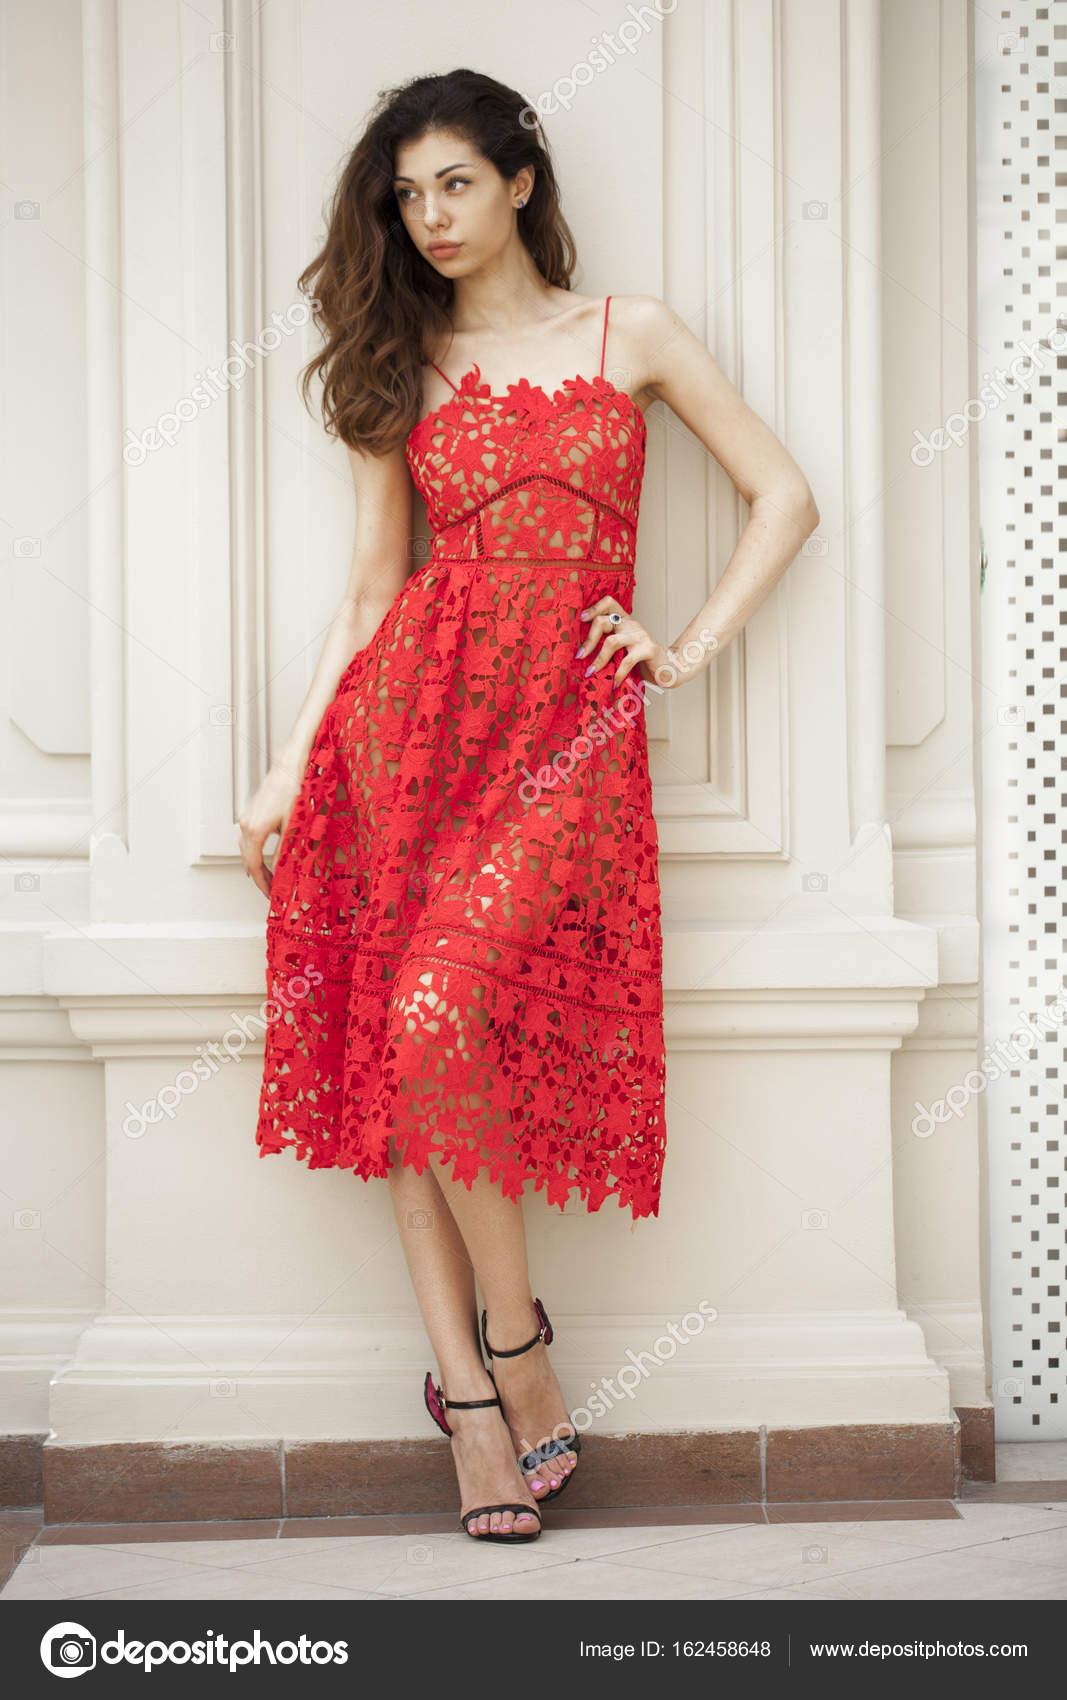 schöne junge Frau in sexy roten Kleid — Stockfoto © arkusha #162458648